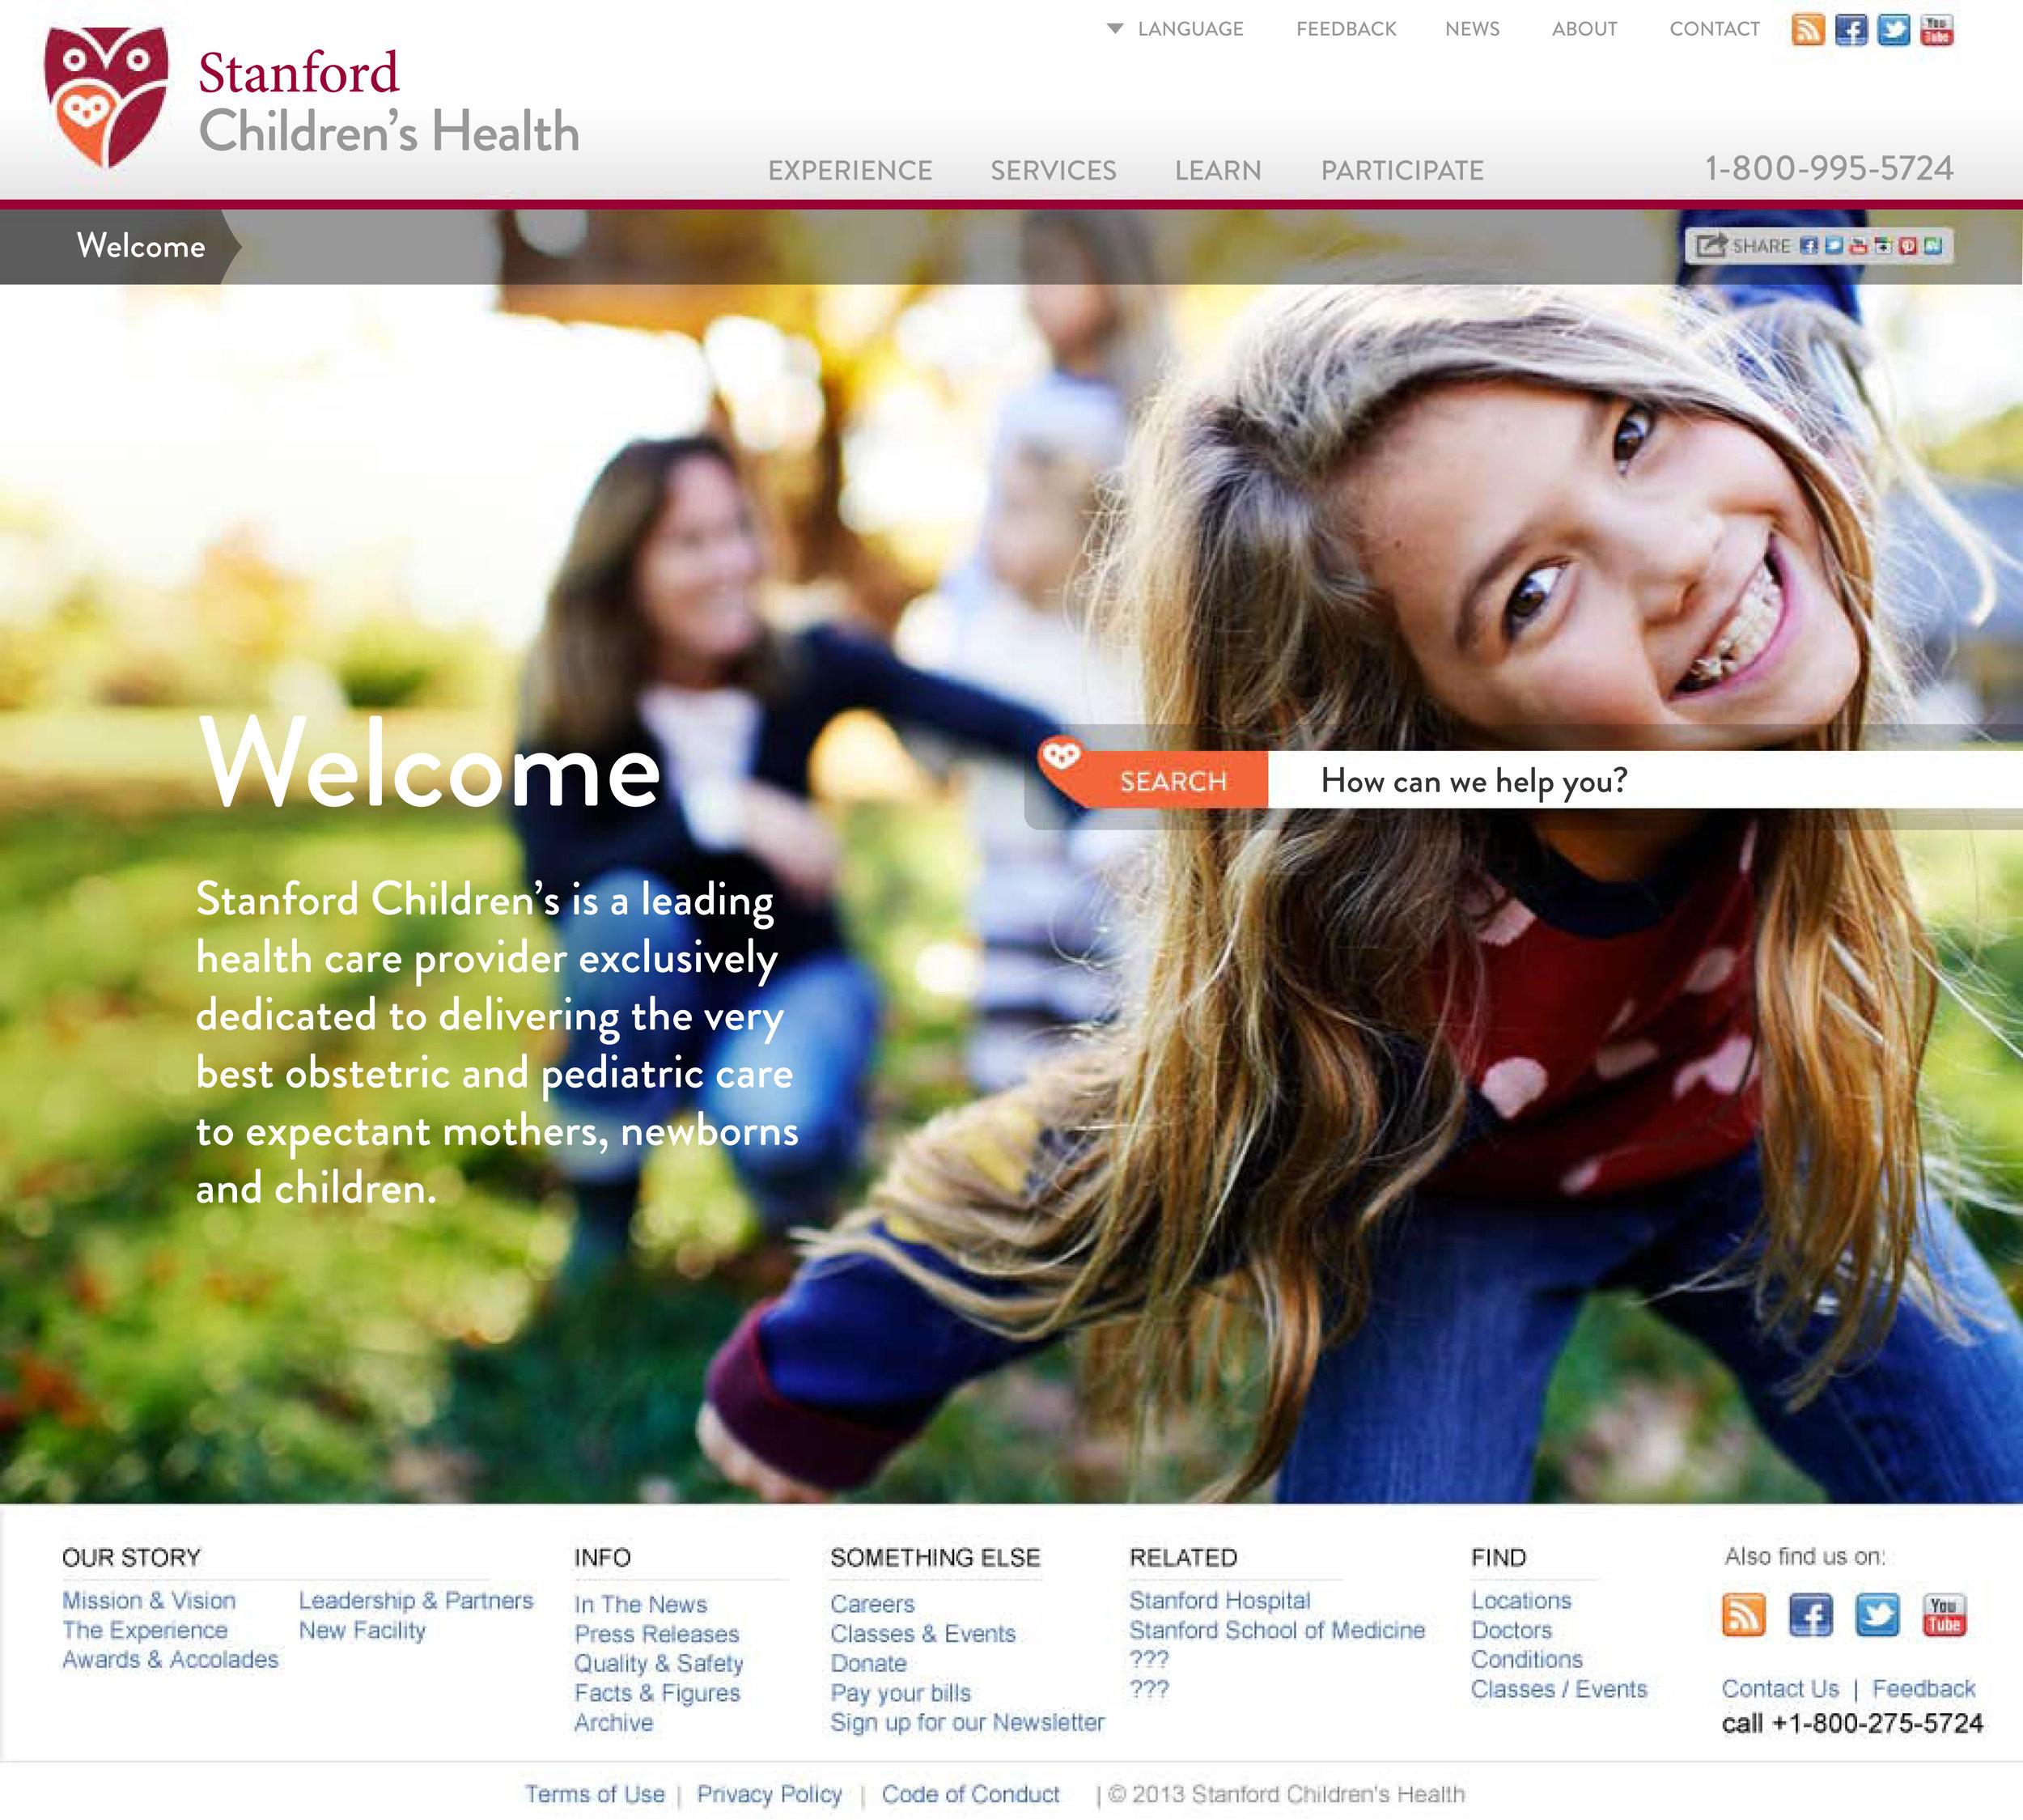 Stanford Children's Health Website Homepage